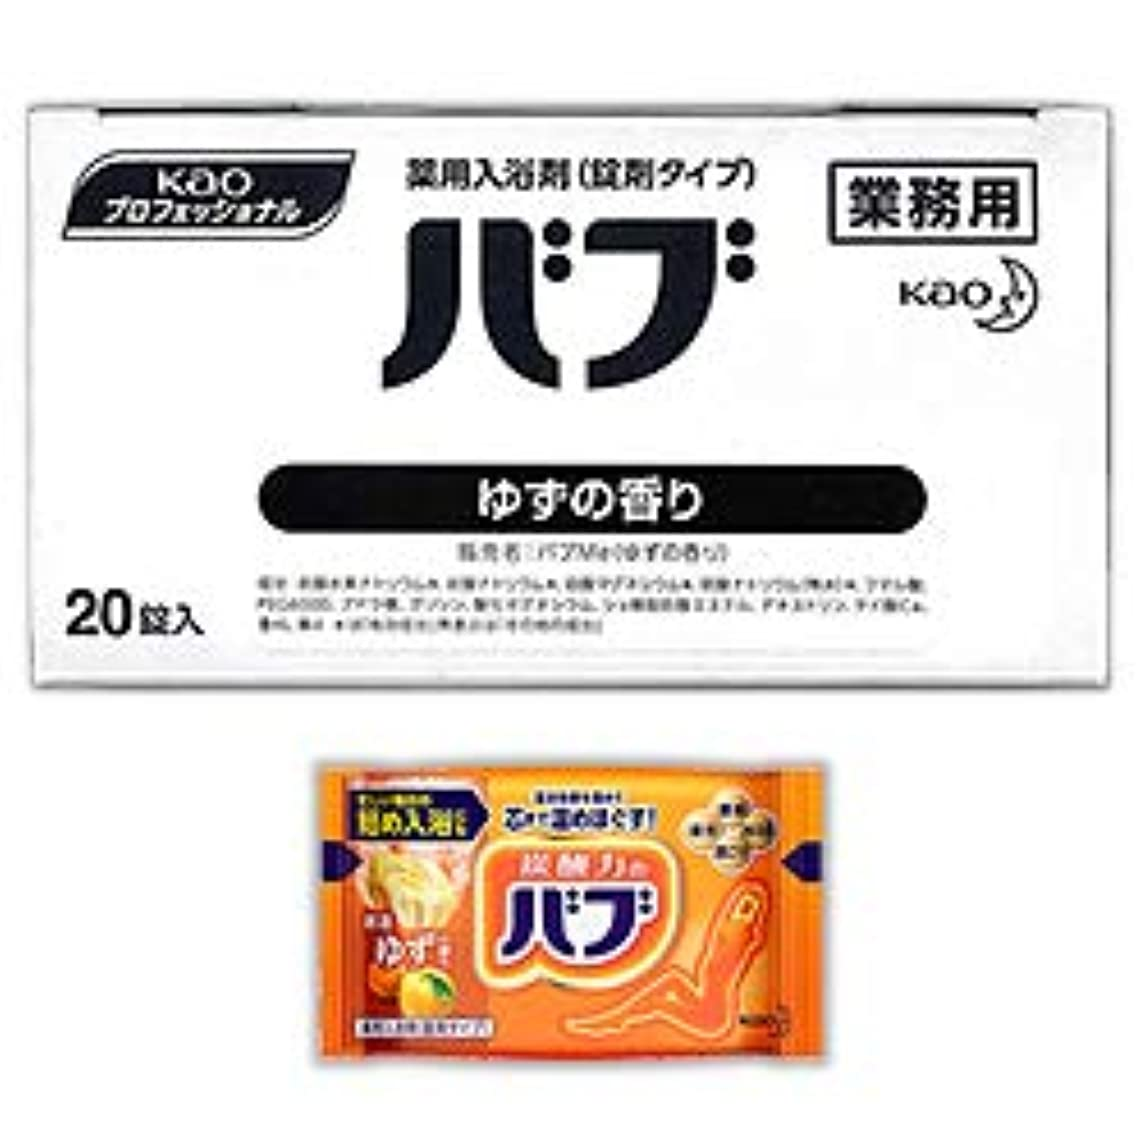 噂ぬれたコンパス【花王】Kaoプロフェッショナル バブ ゆずの香り(業務用) 40g×20錠入 ×5個セット